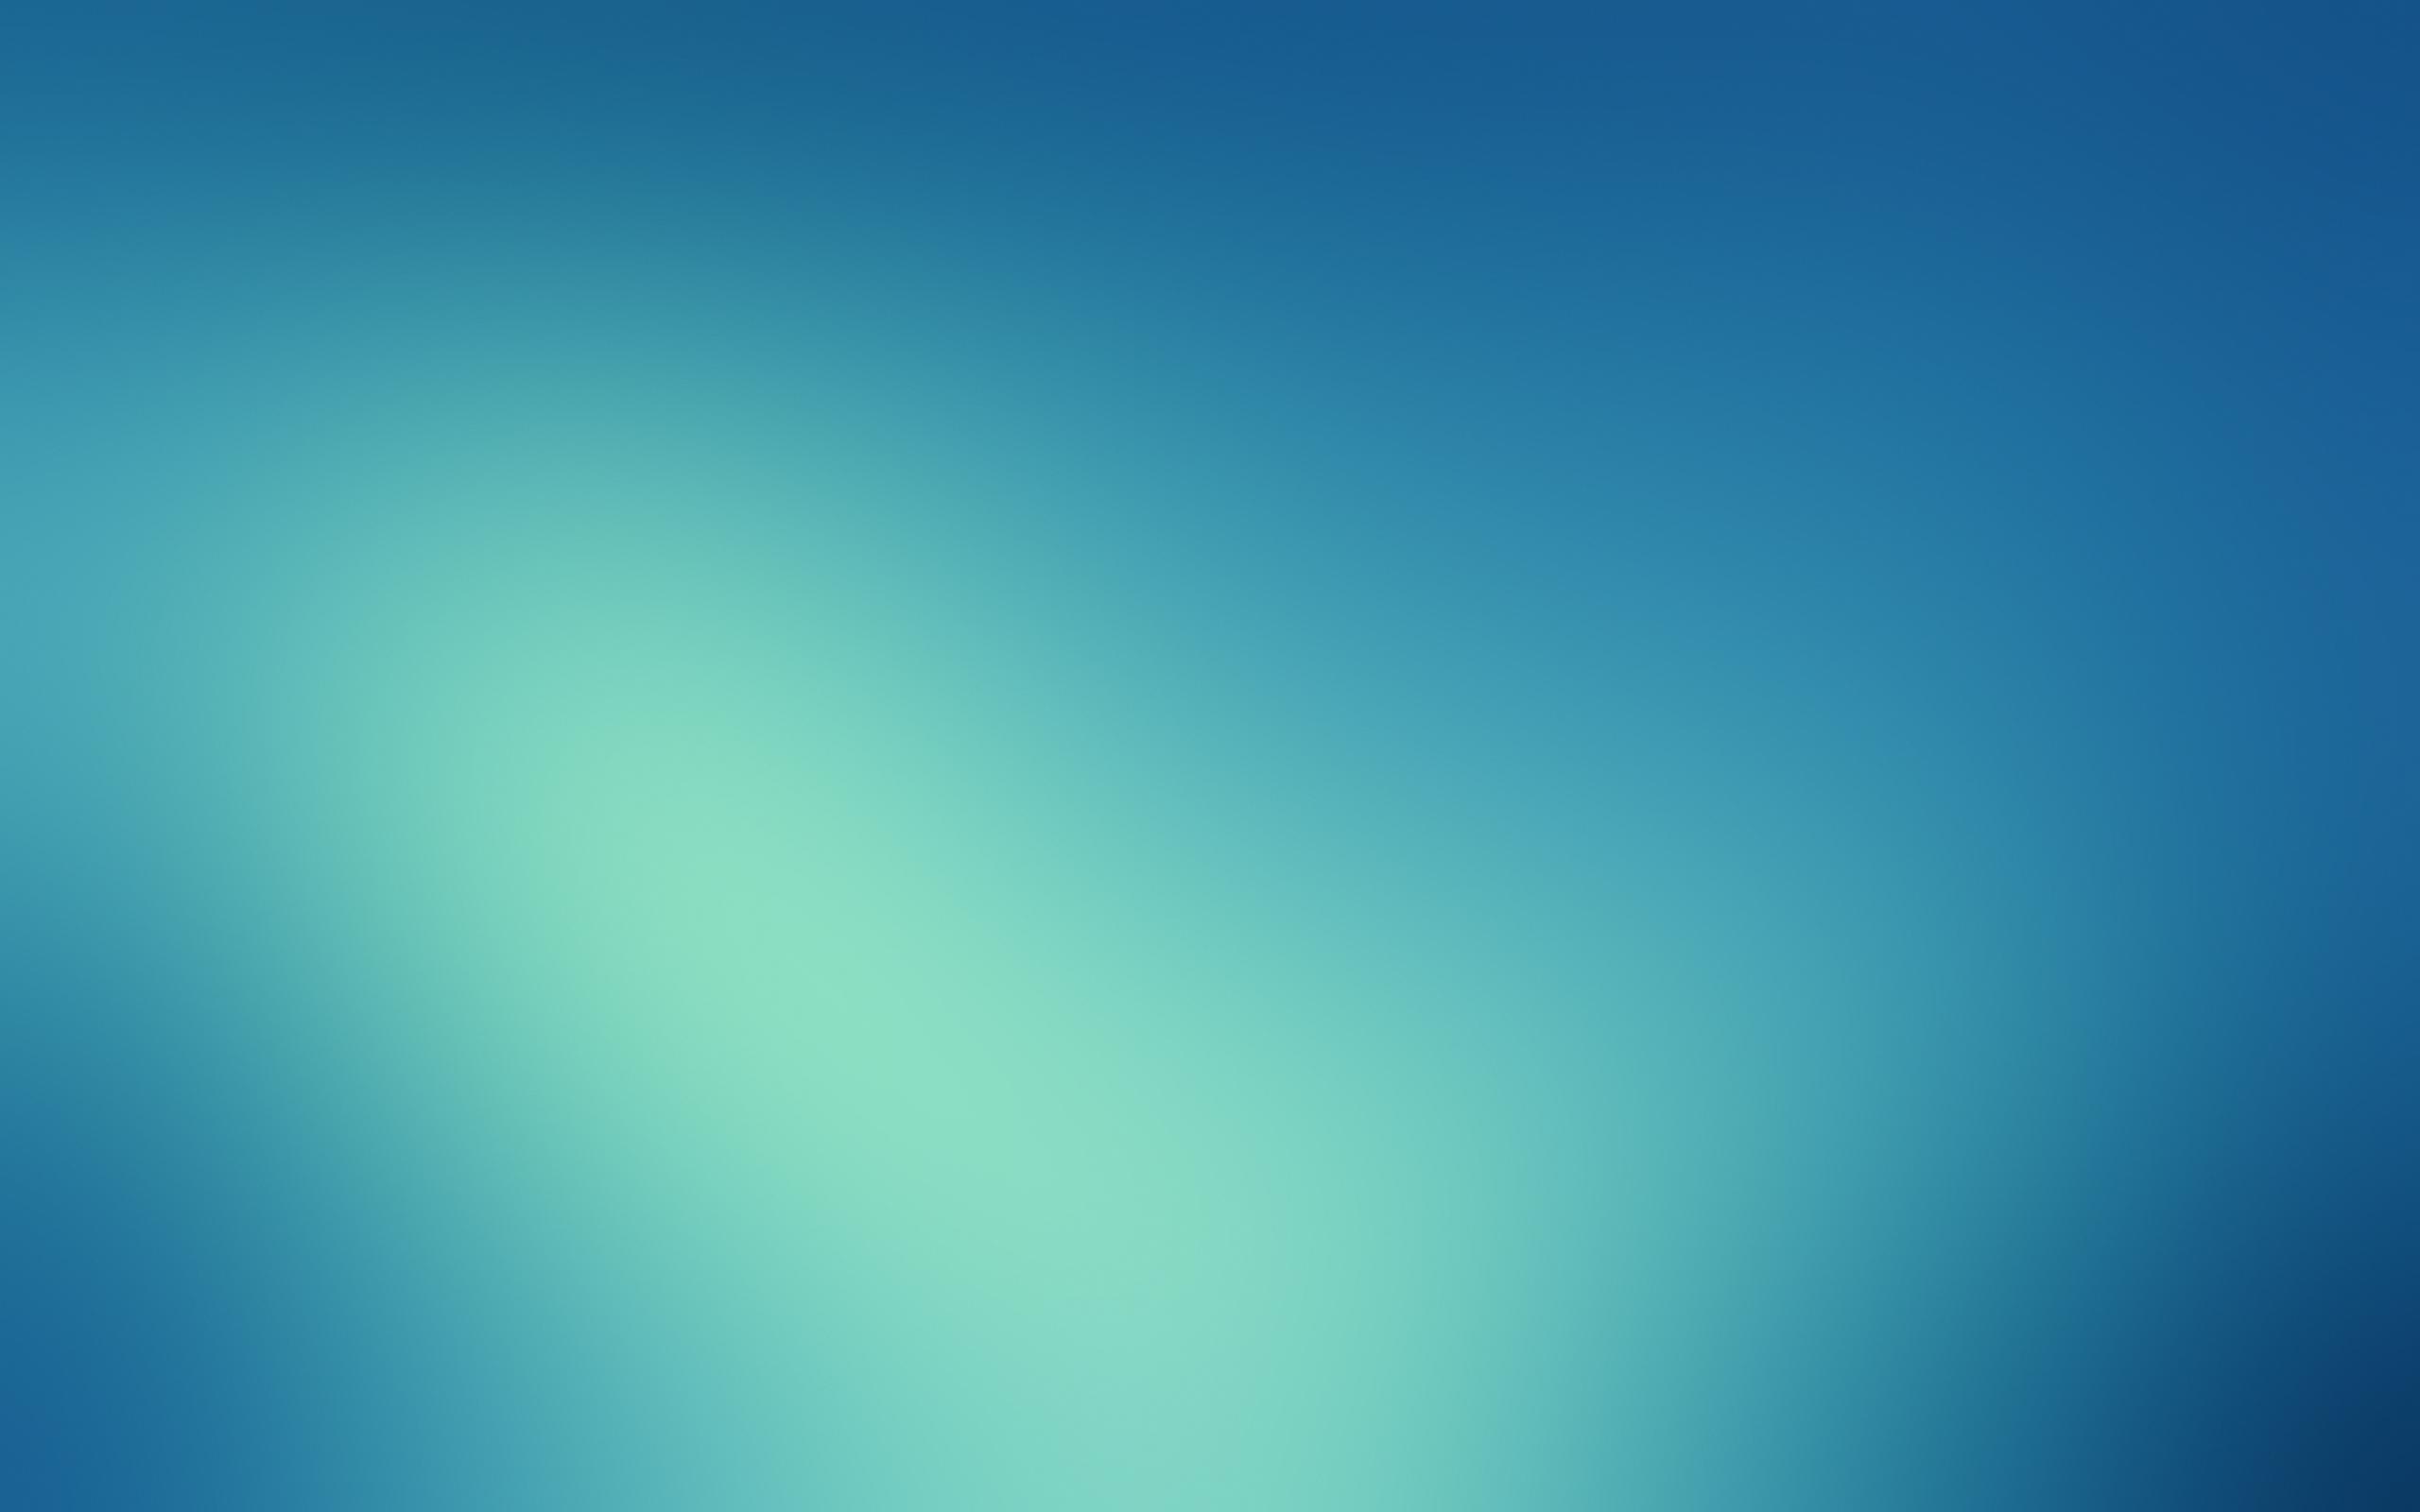 背景大图-小蓝3823 r7686的生活圈